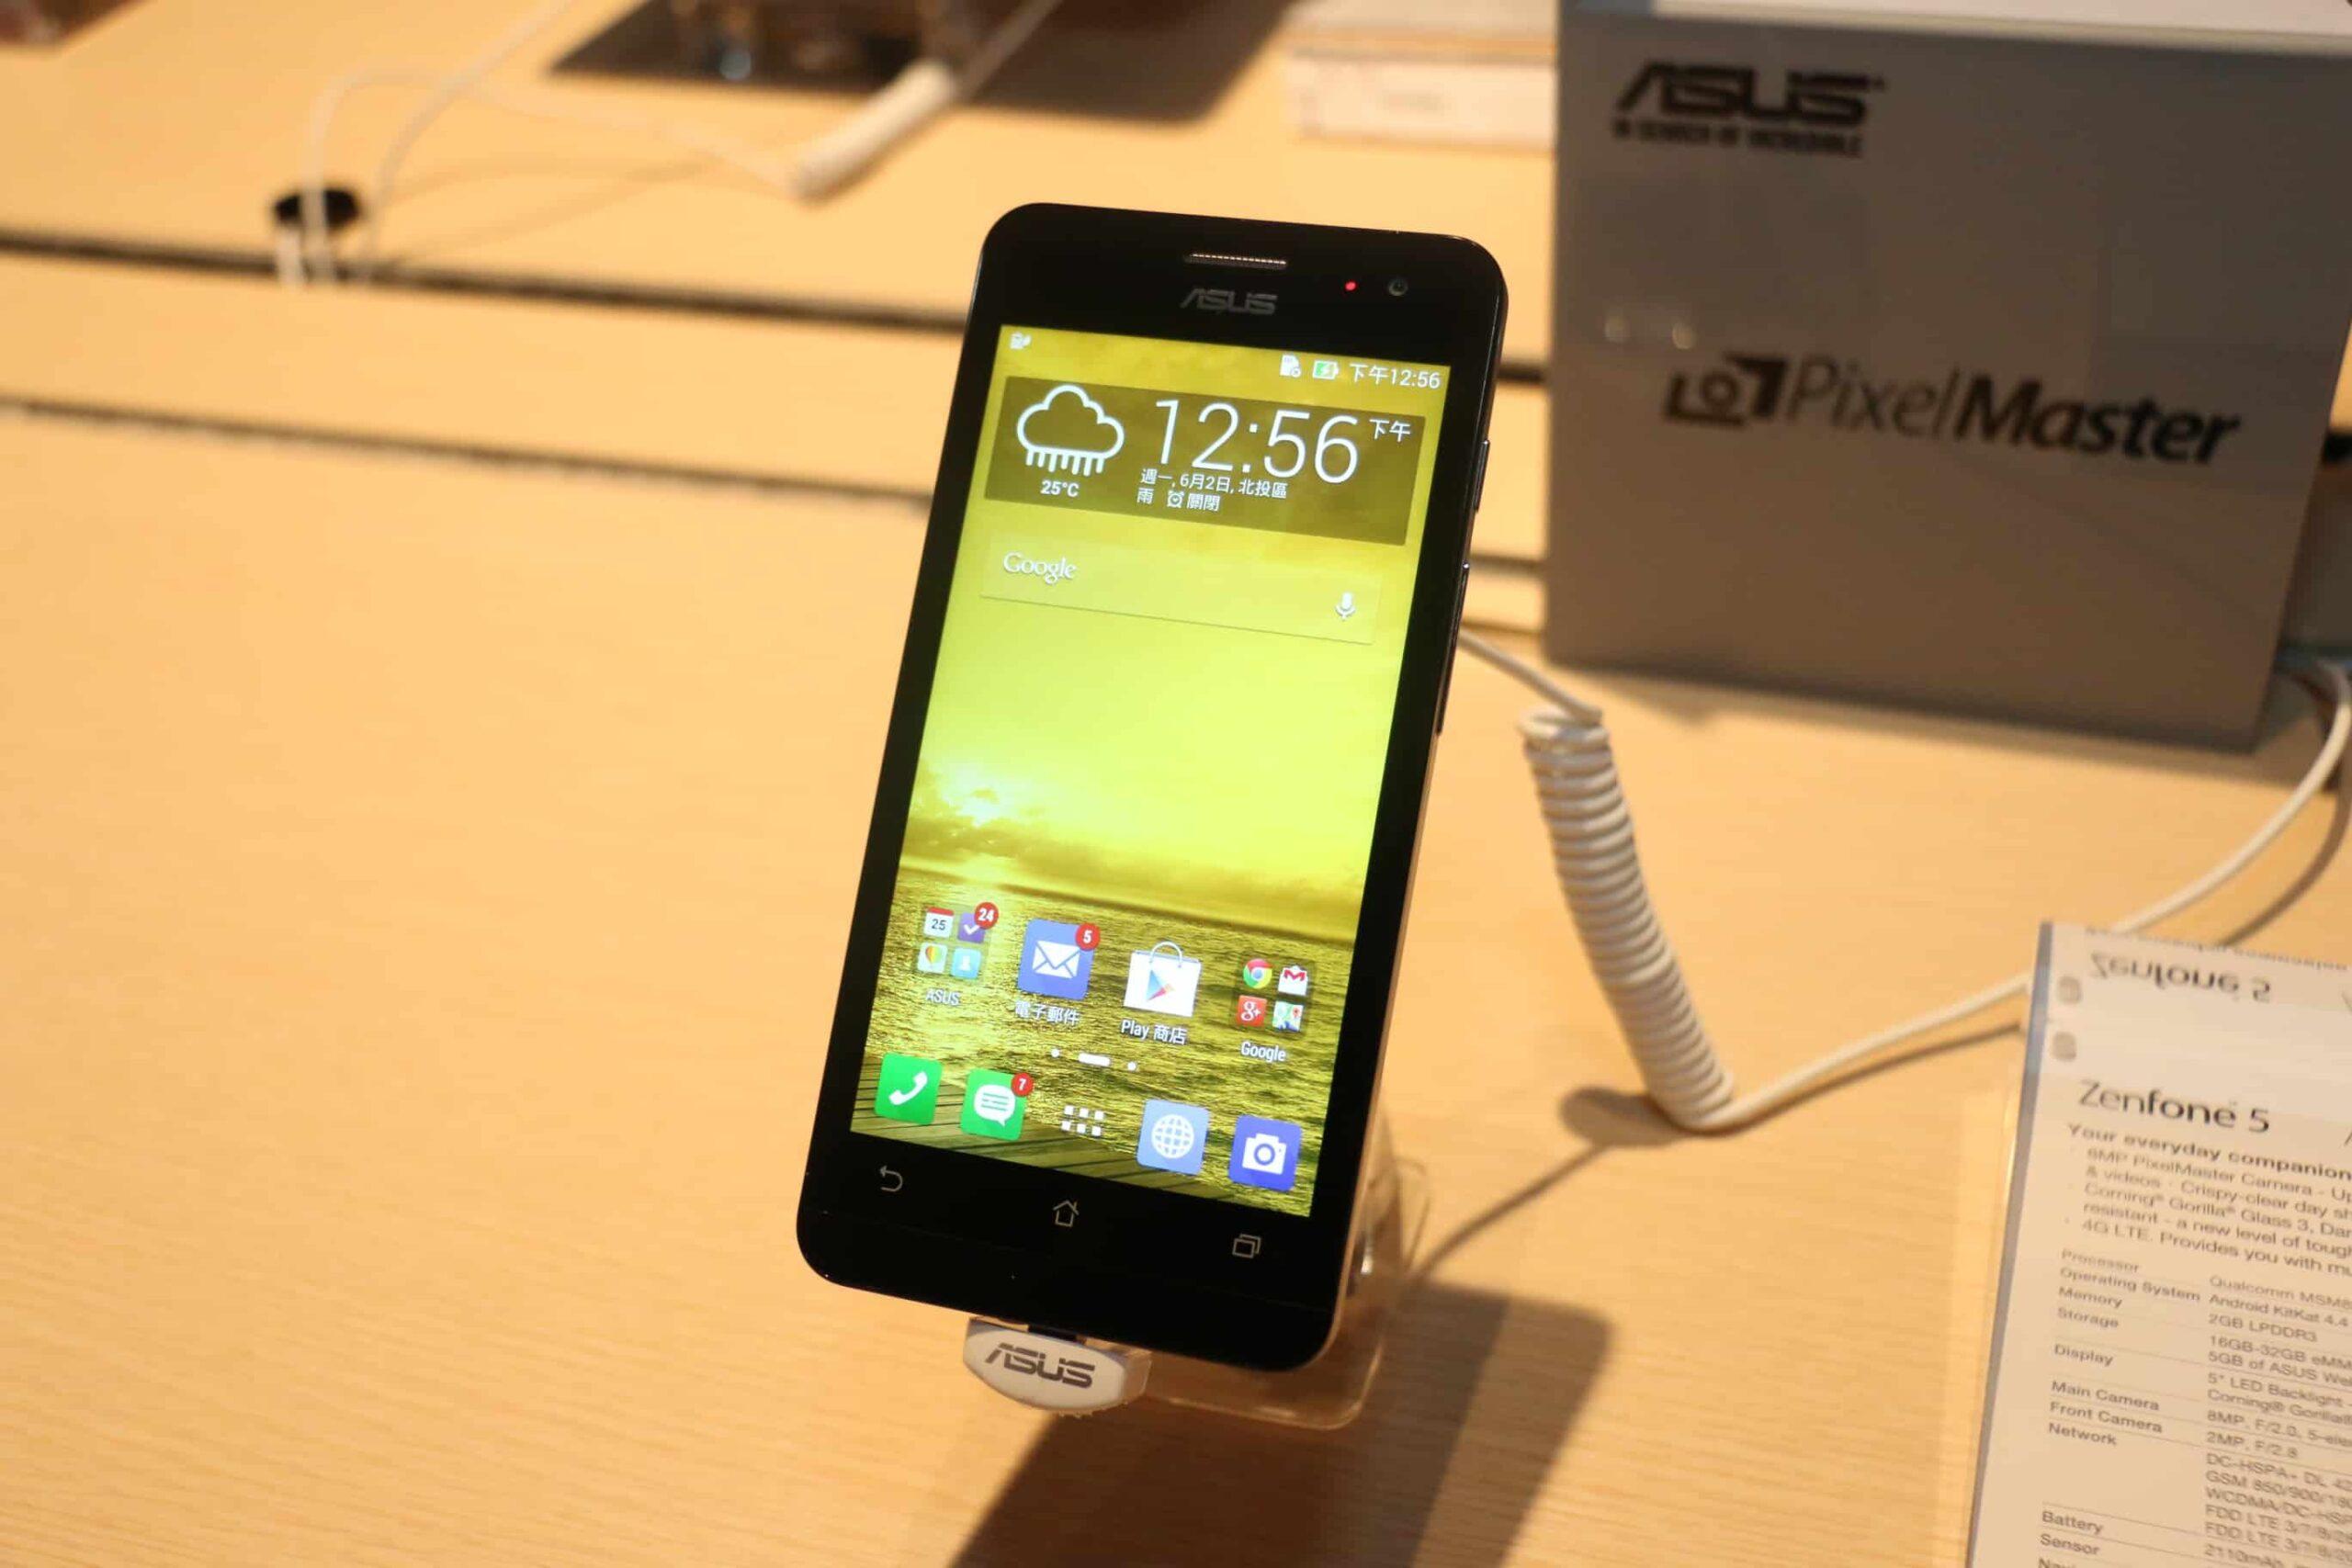 ASUS-Zenfone-5-Image